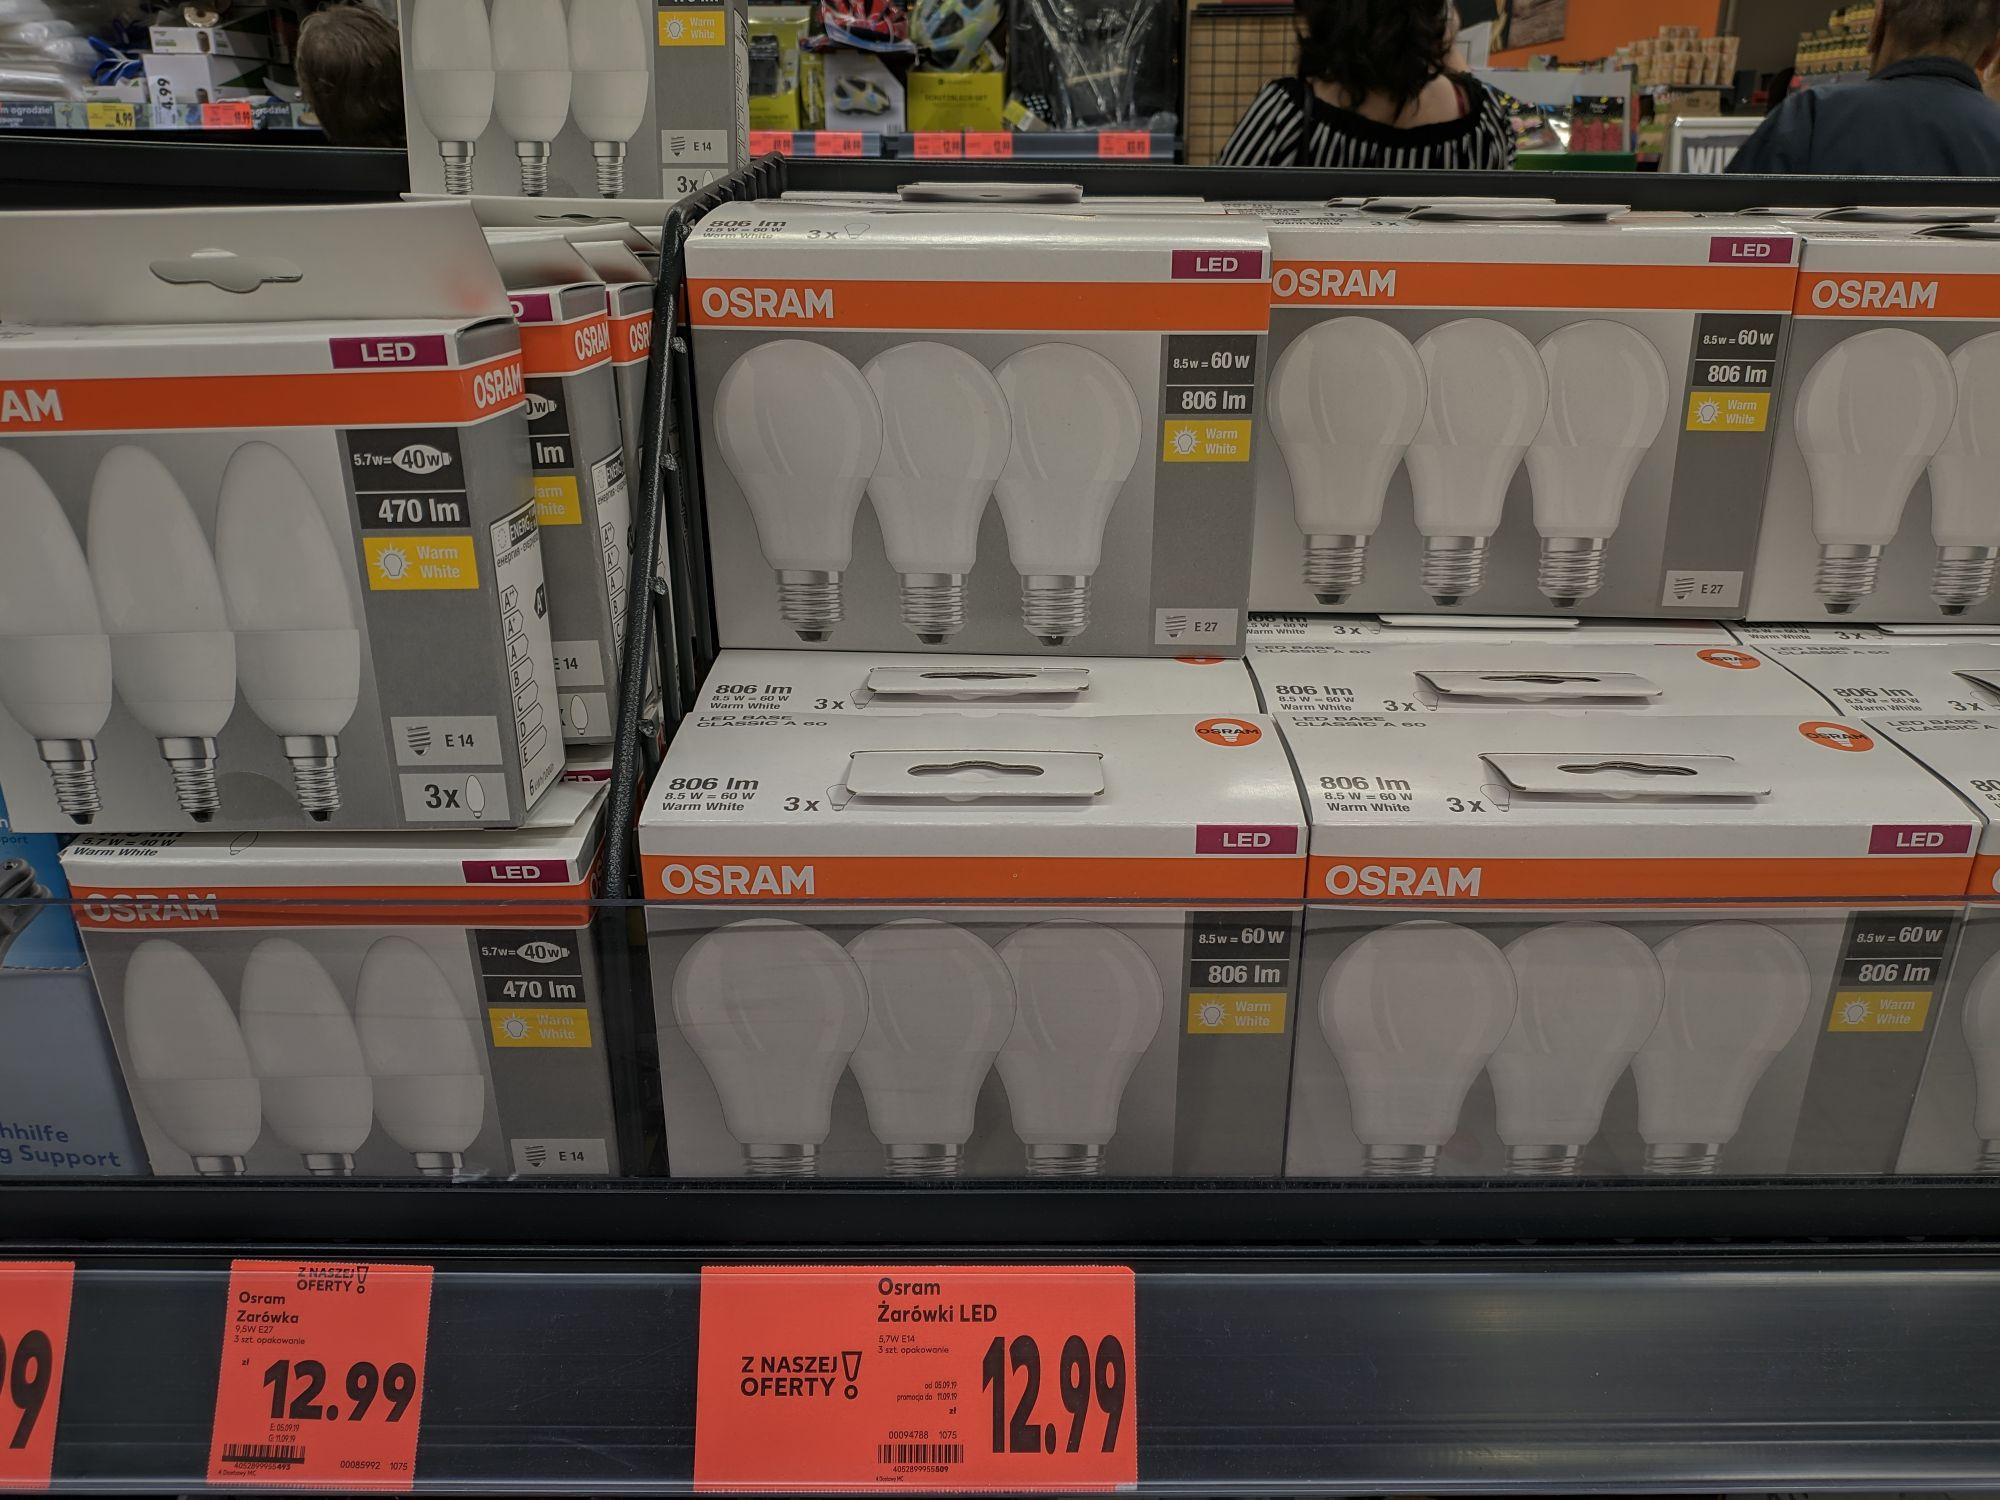 Żarówki LED OSRAM E27 i E14 3szt / Kaufland Hajnówka